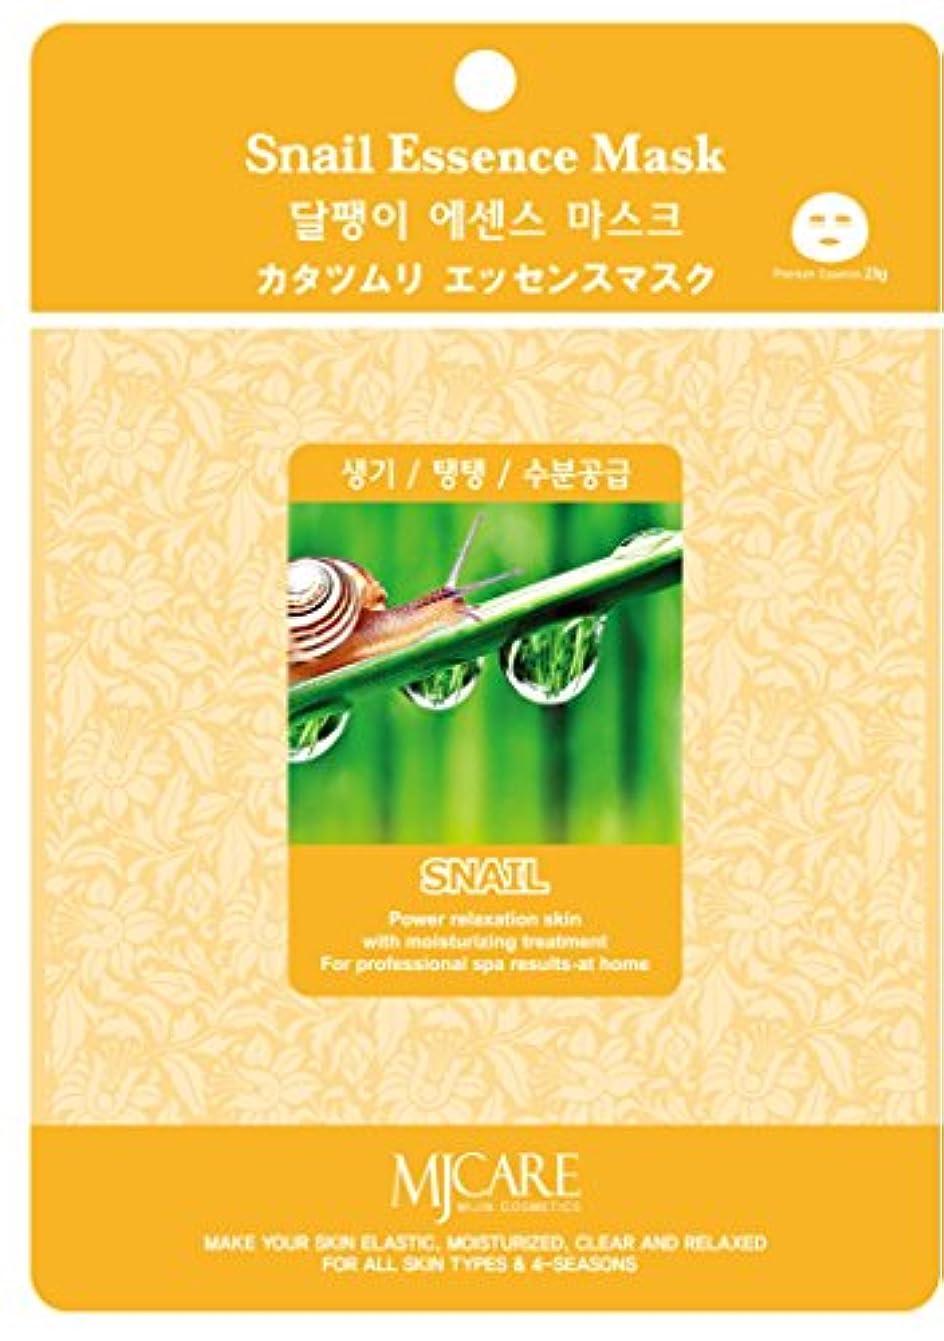 アソシエイトペルソナ値MJCAREエッセンスマスク カタツムリ10枚セット